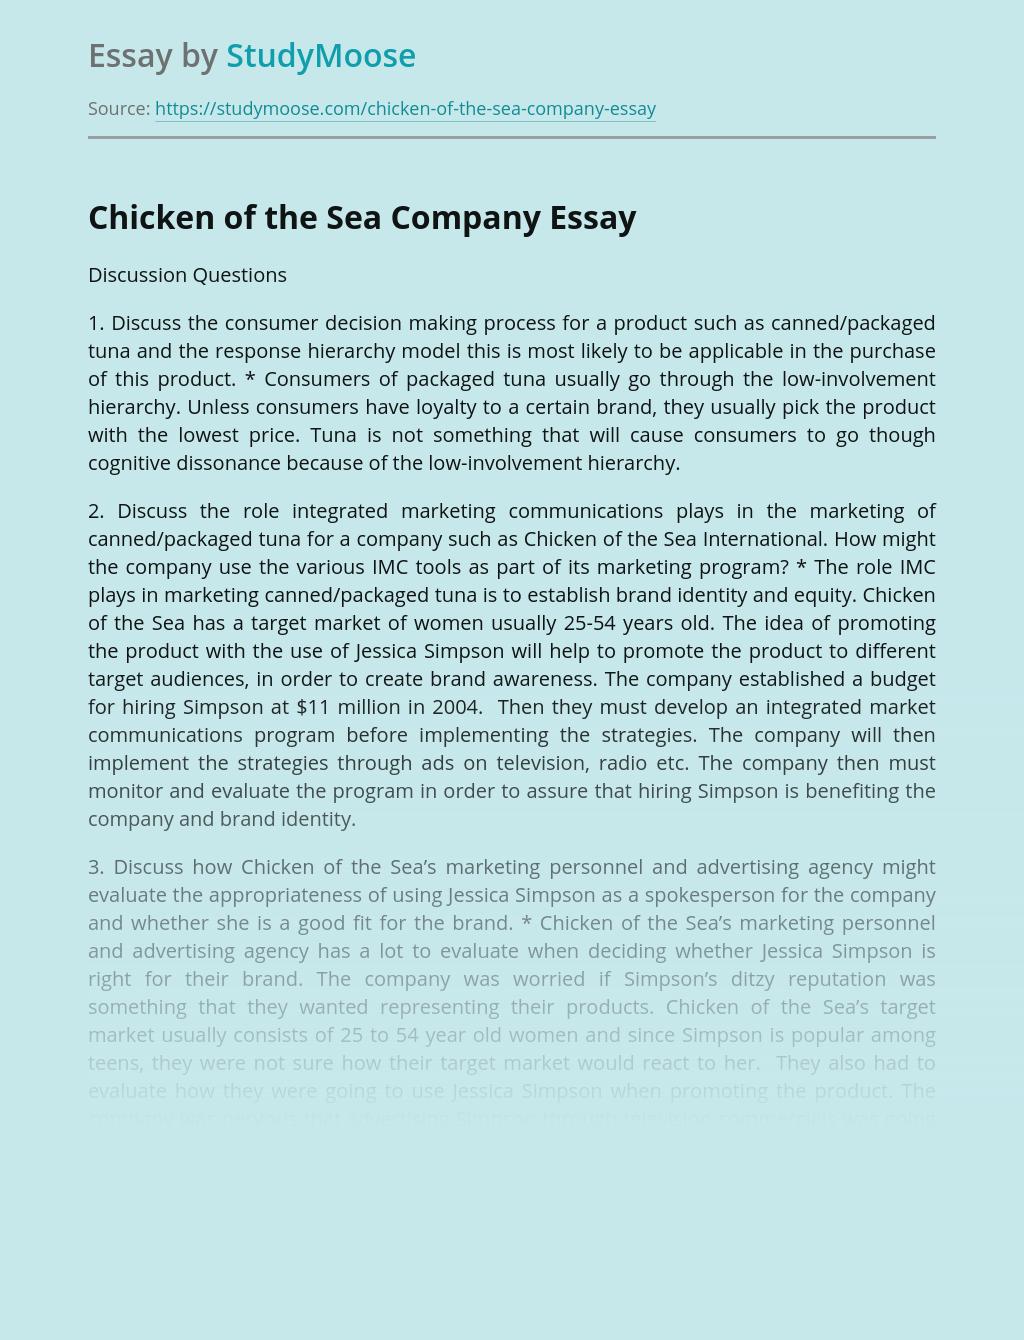 Chicken of the Sea Company